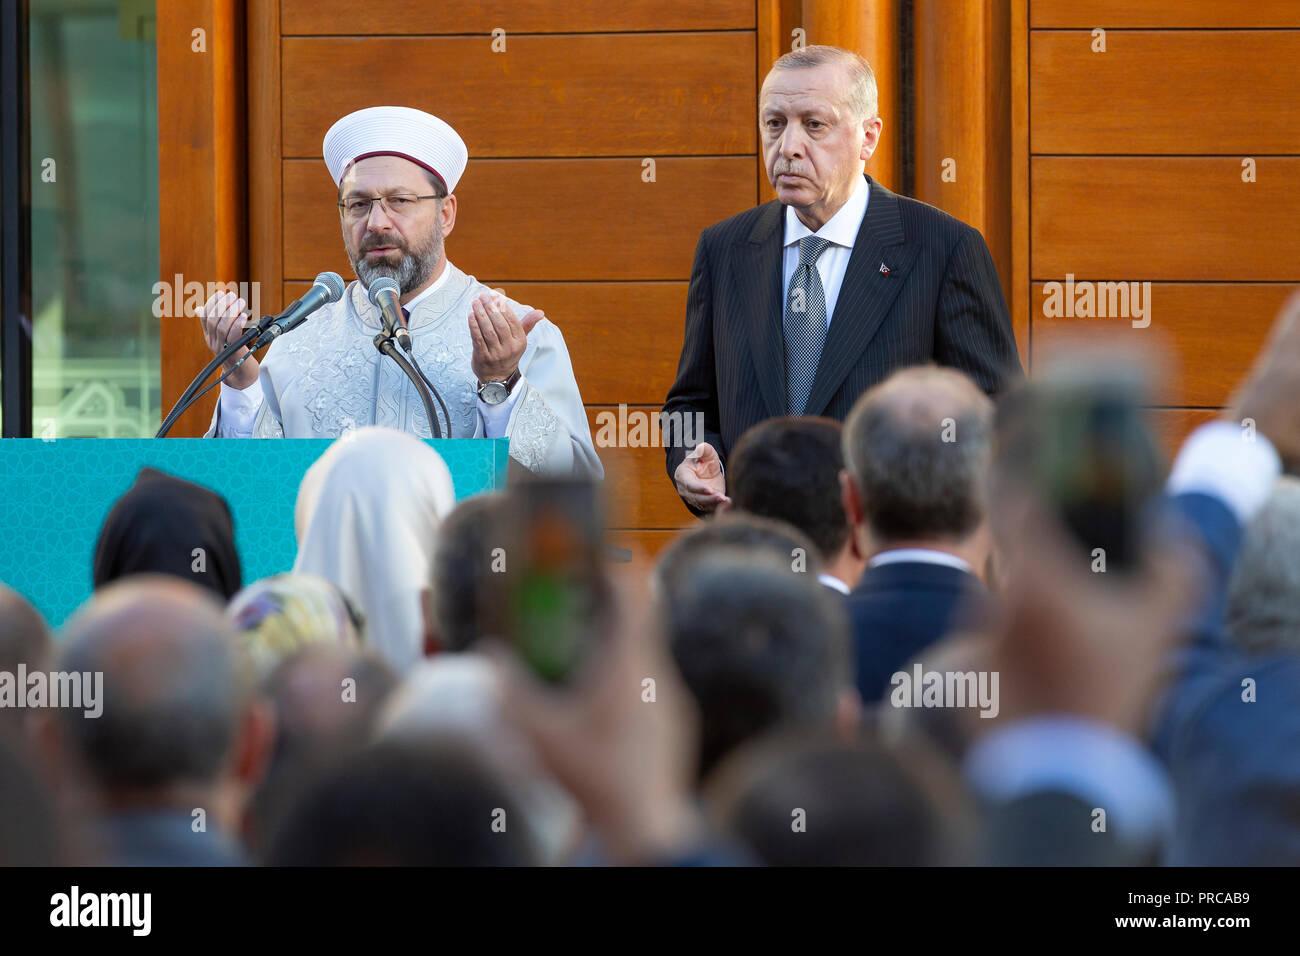 Die Ditib-Grossmoschee in Koeln-Ehrenfeld wurde am Samstagnachmittag (29.09.2018) im Beisein des tuerkischen Staatspraesidenten Recep Tayyip Erdogan m - Stock Image